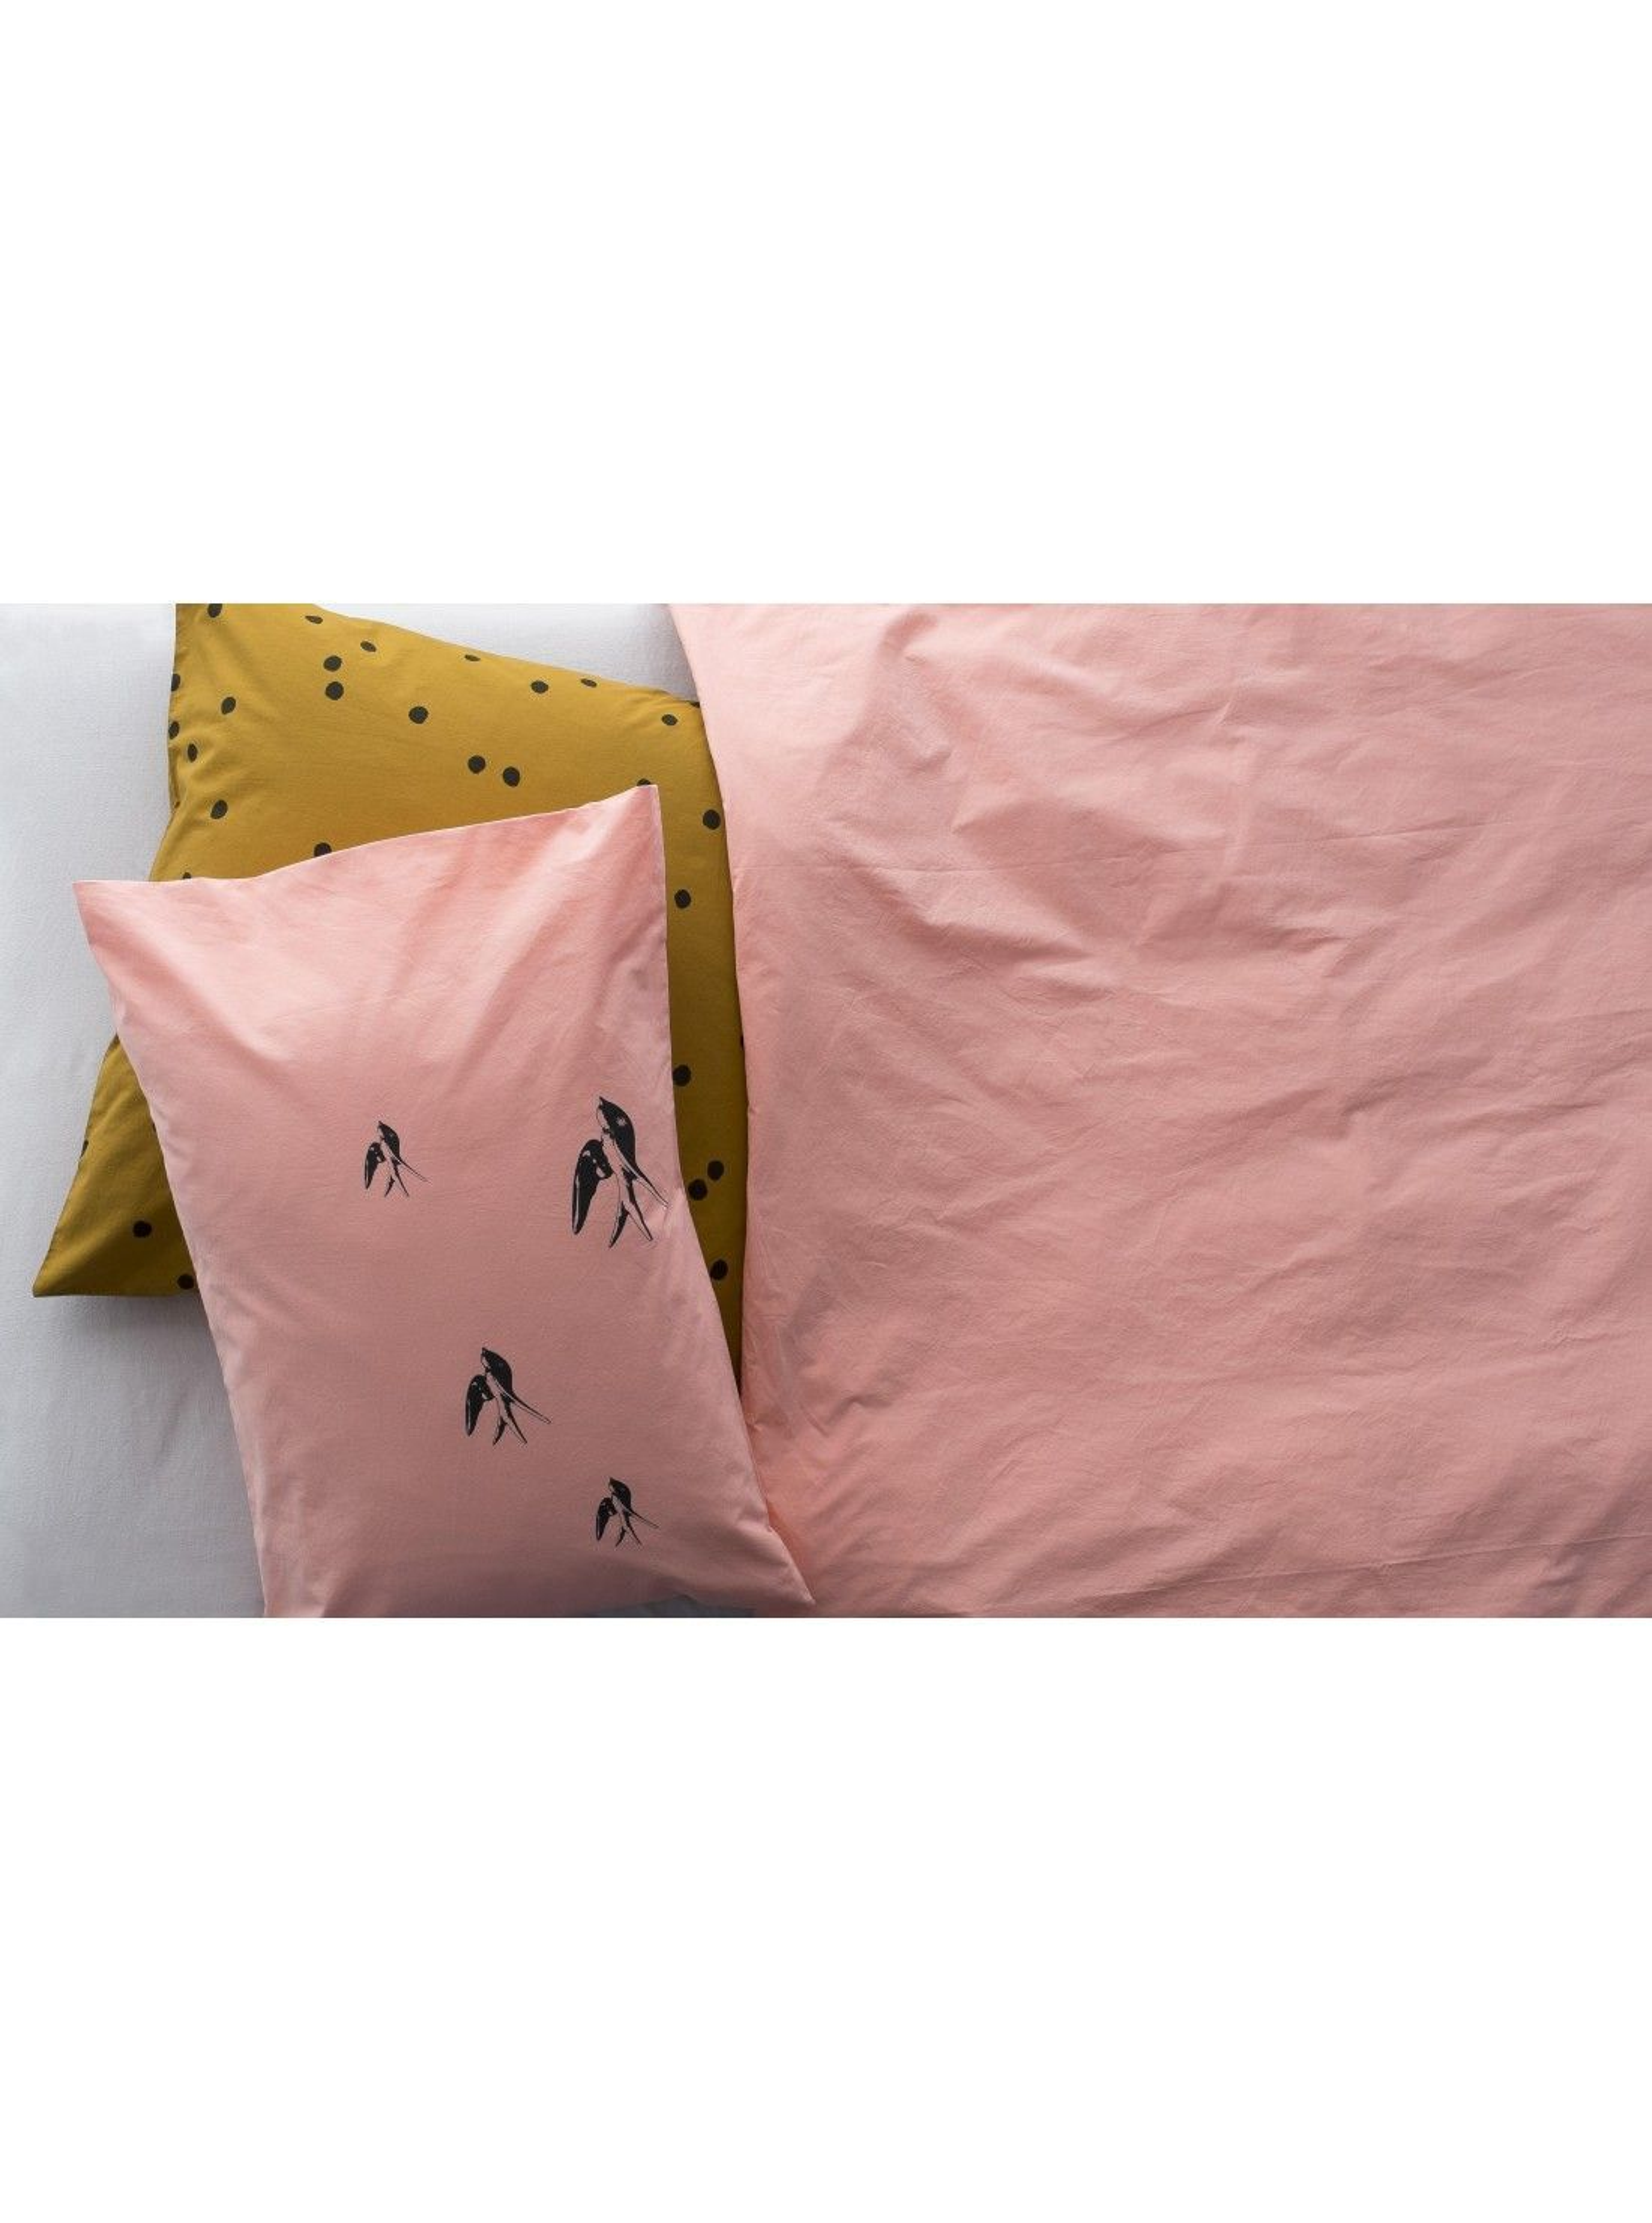 housse de couette unie housse de couette unie 240x260 2 taies 65x65 noir housse de couette. Black Bedroom Furniture Sets. Home Design Ideas